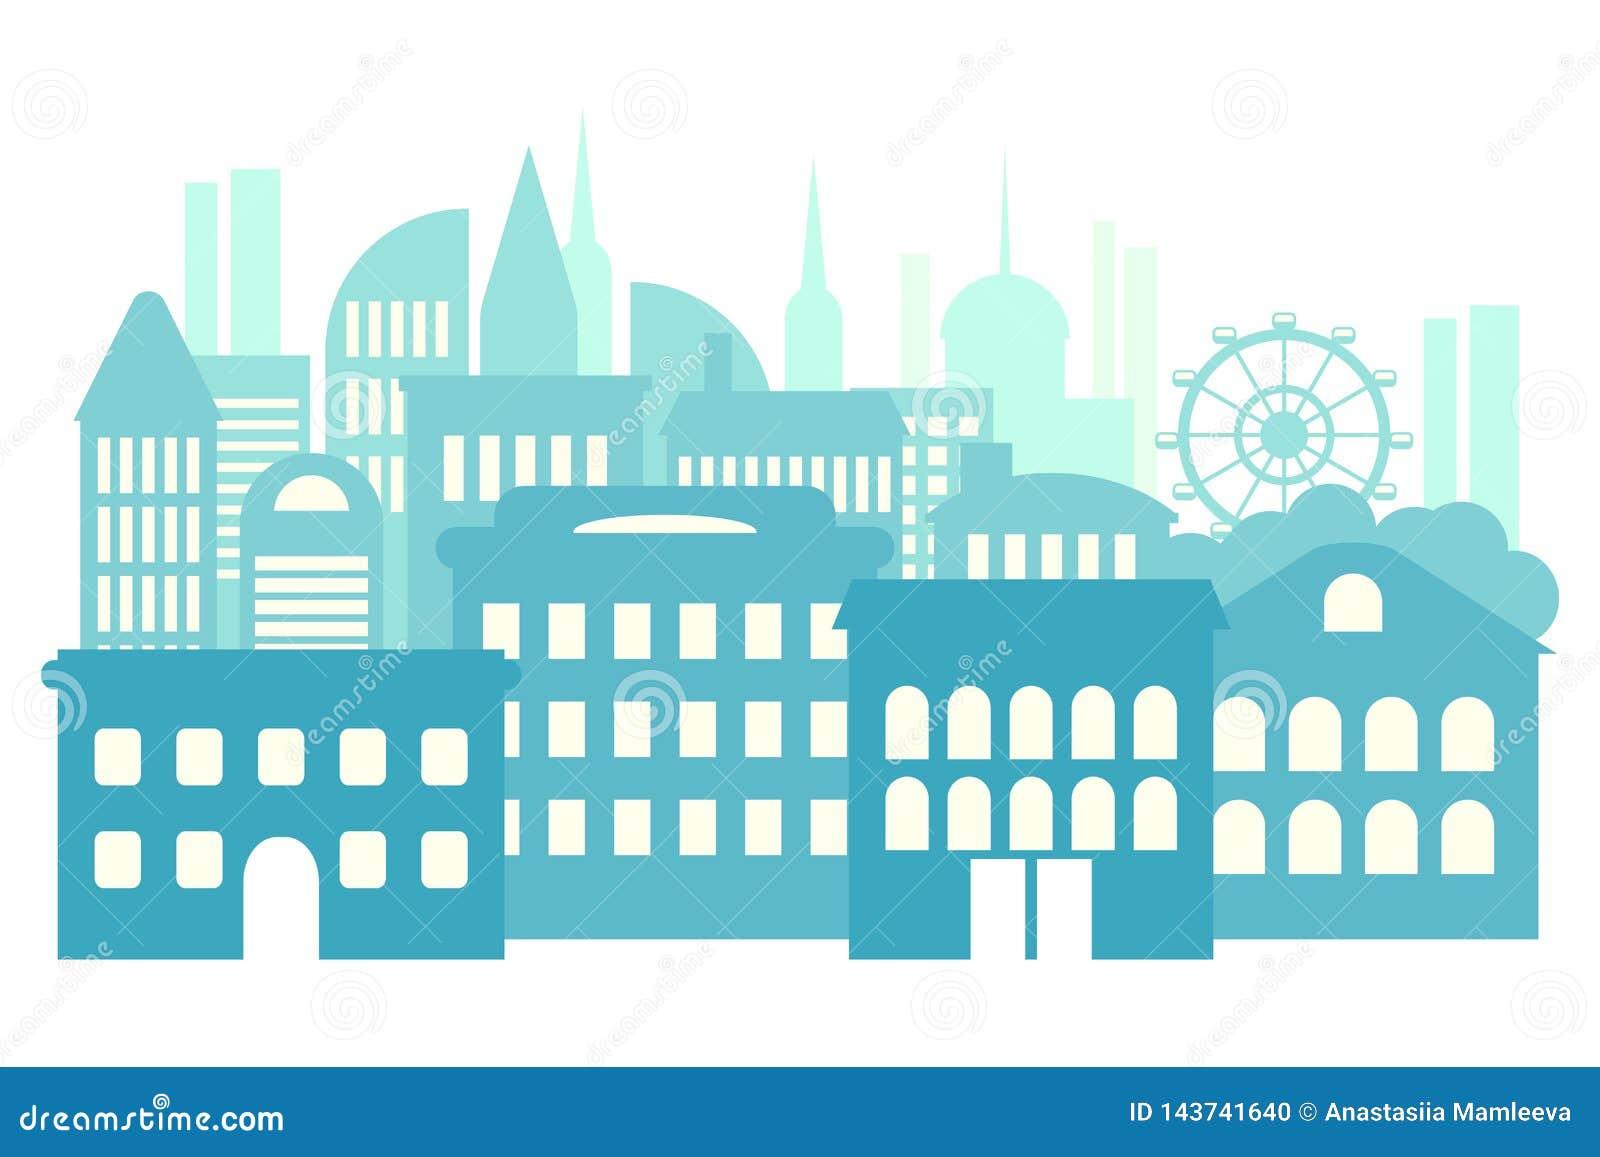 Μεγάλη πόλη, μητρόπολη, πολυκατοικίες Μπλε αφηρημένο υπόβαθρο